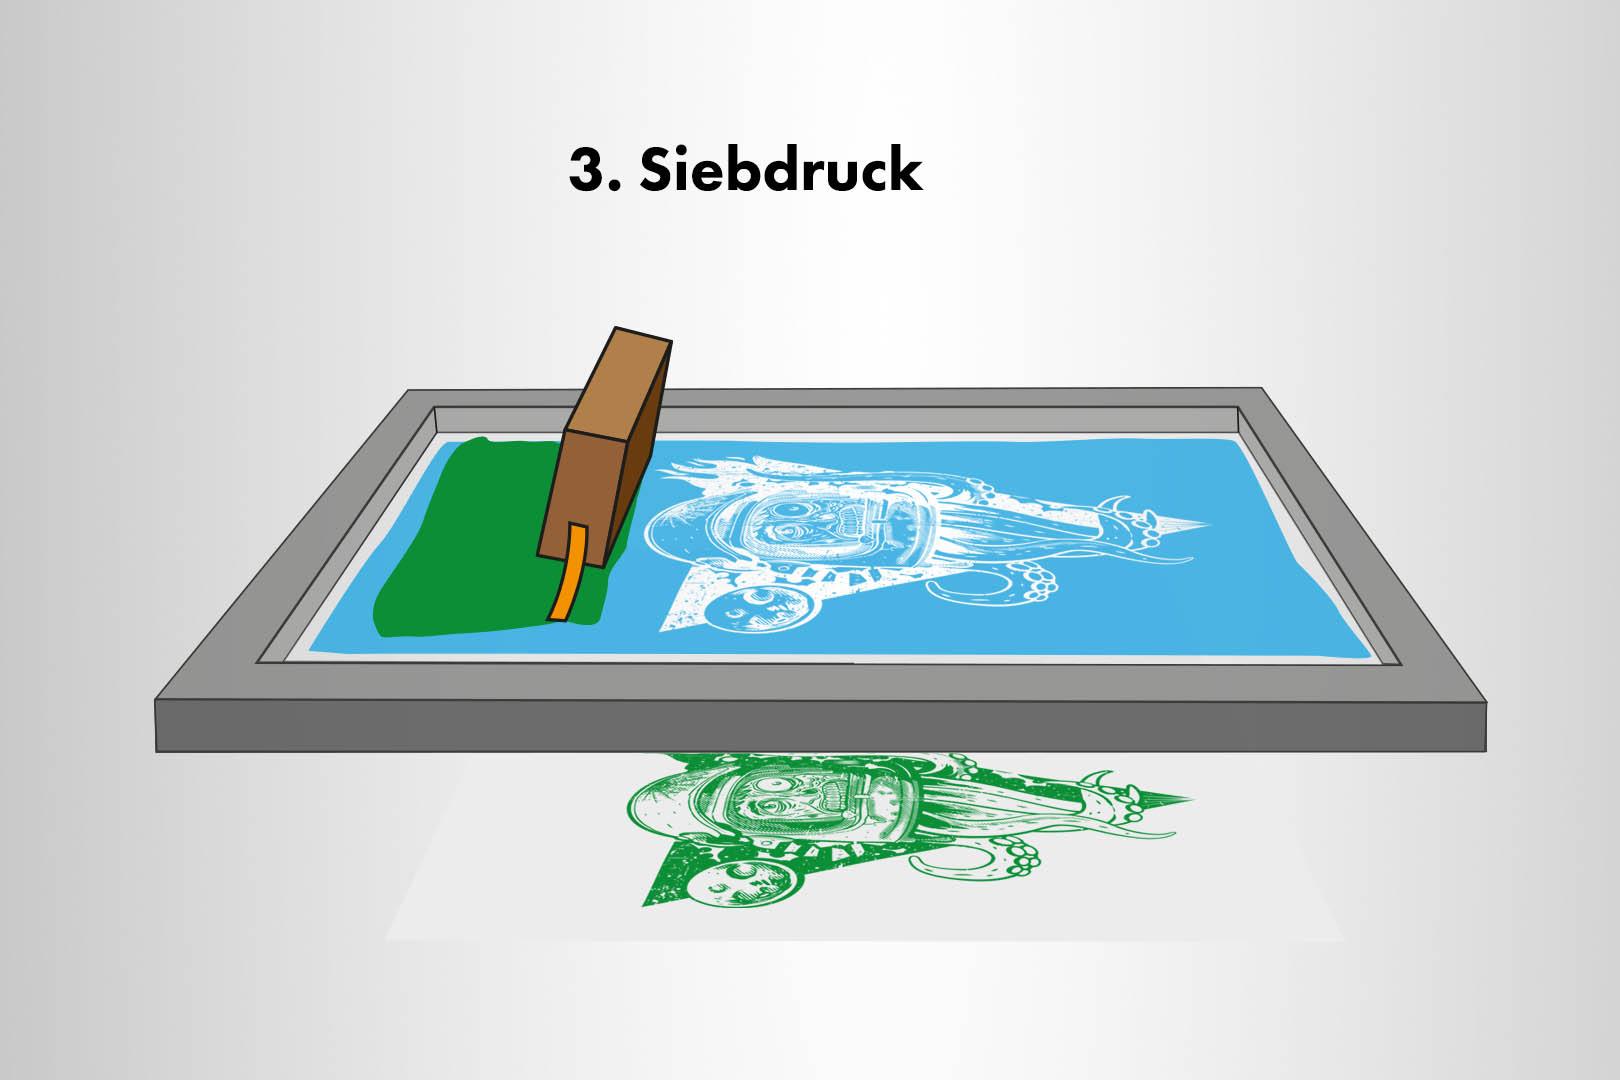 was ist siebdruck wir erkl ren dir das siebdruckverfahren. Black Bedroom Furniture Sets. Home Design Ideas